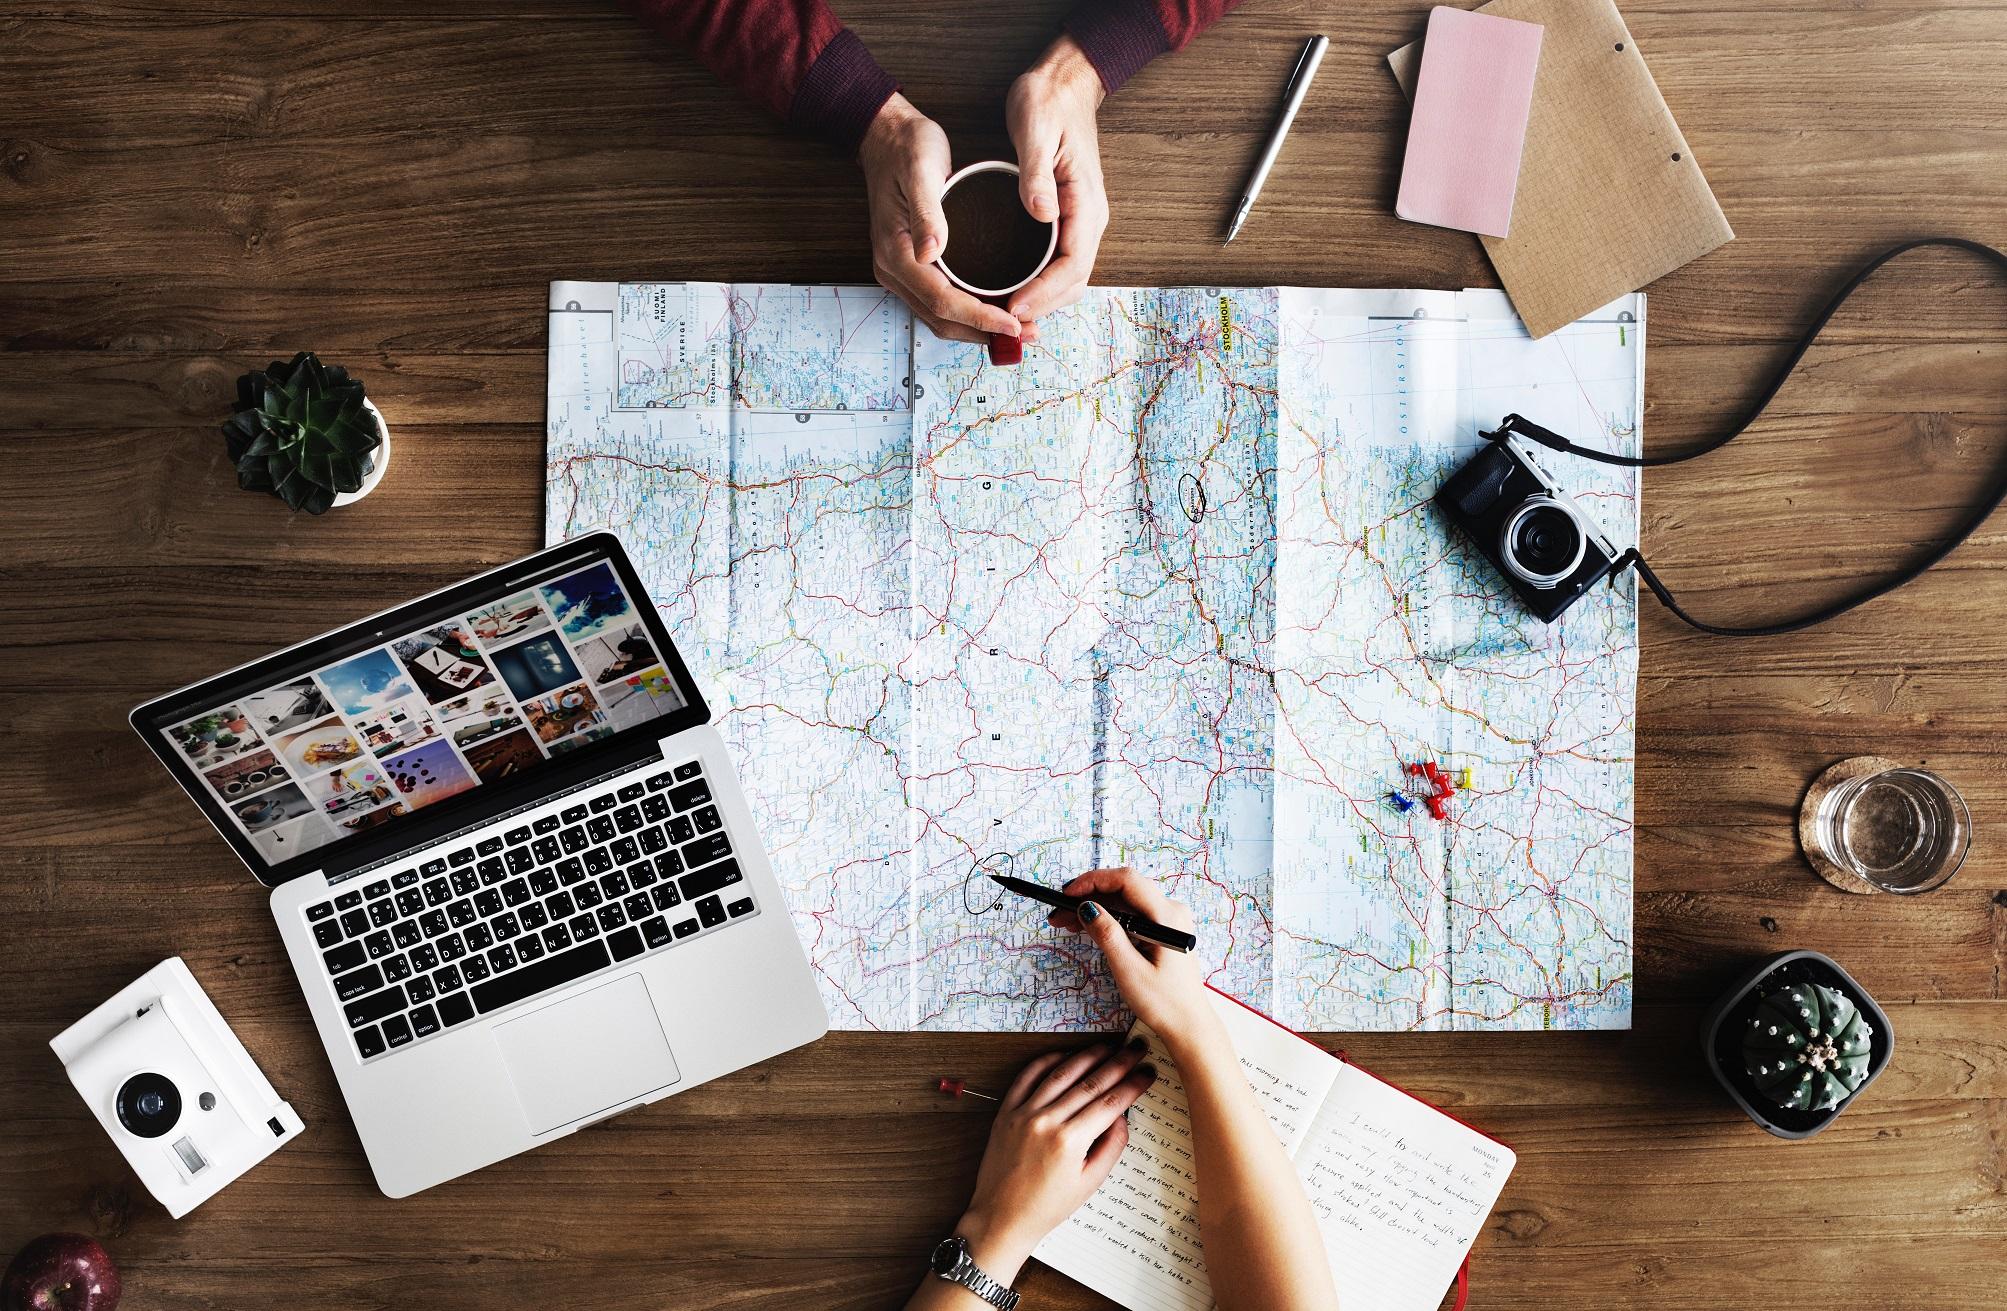 Préparer un voyage en quelques étapes toutes simples